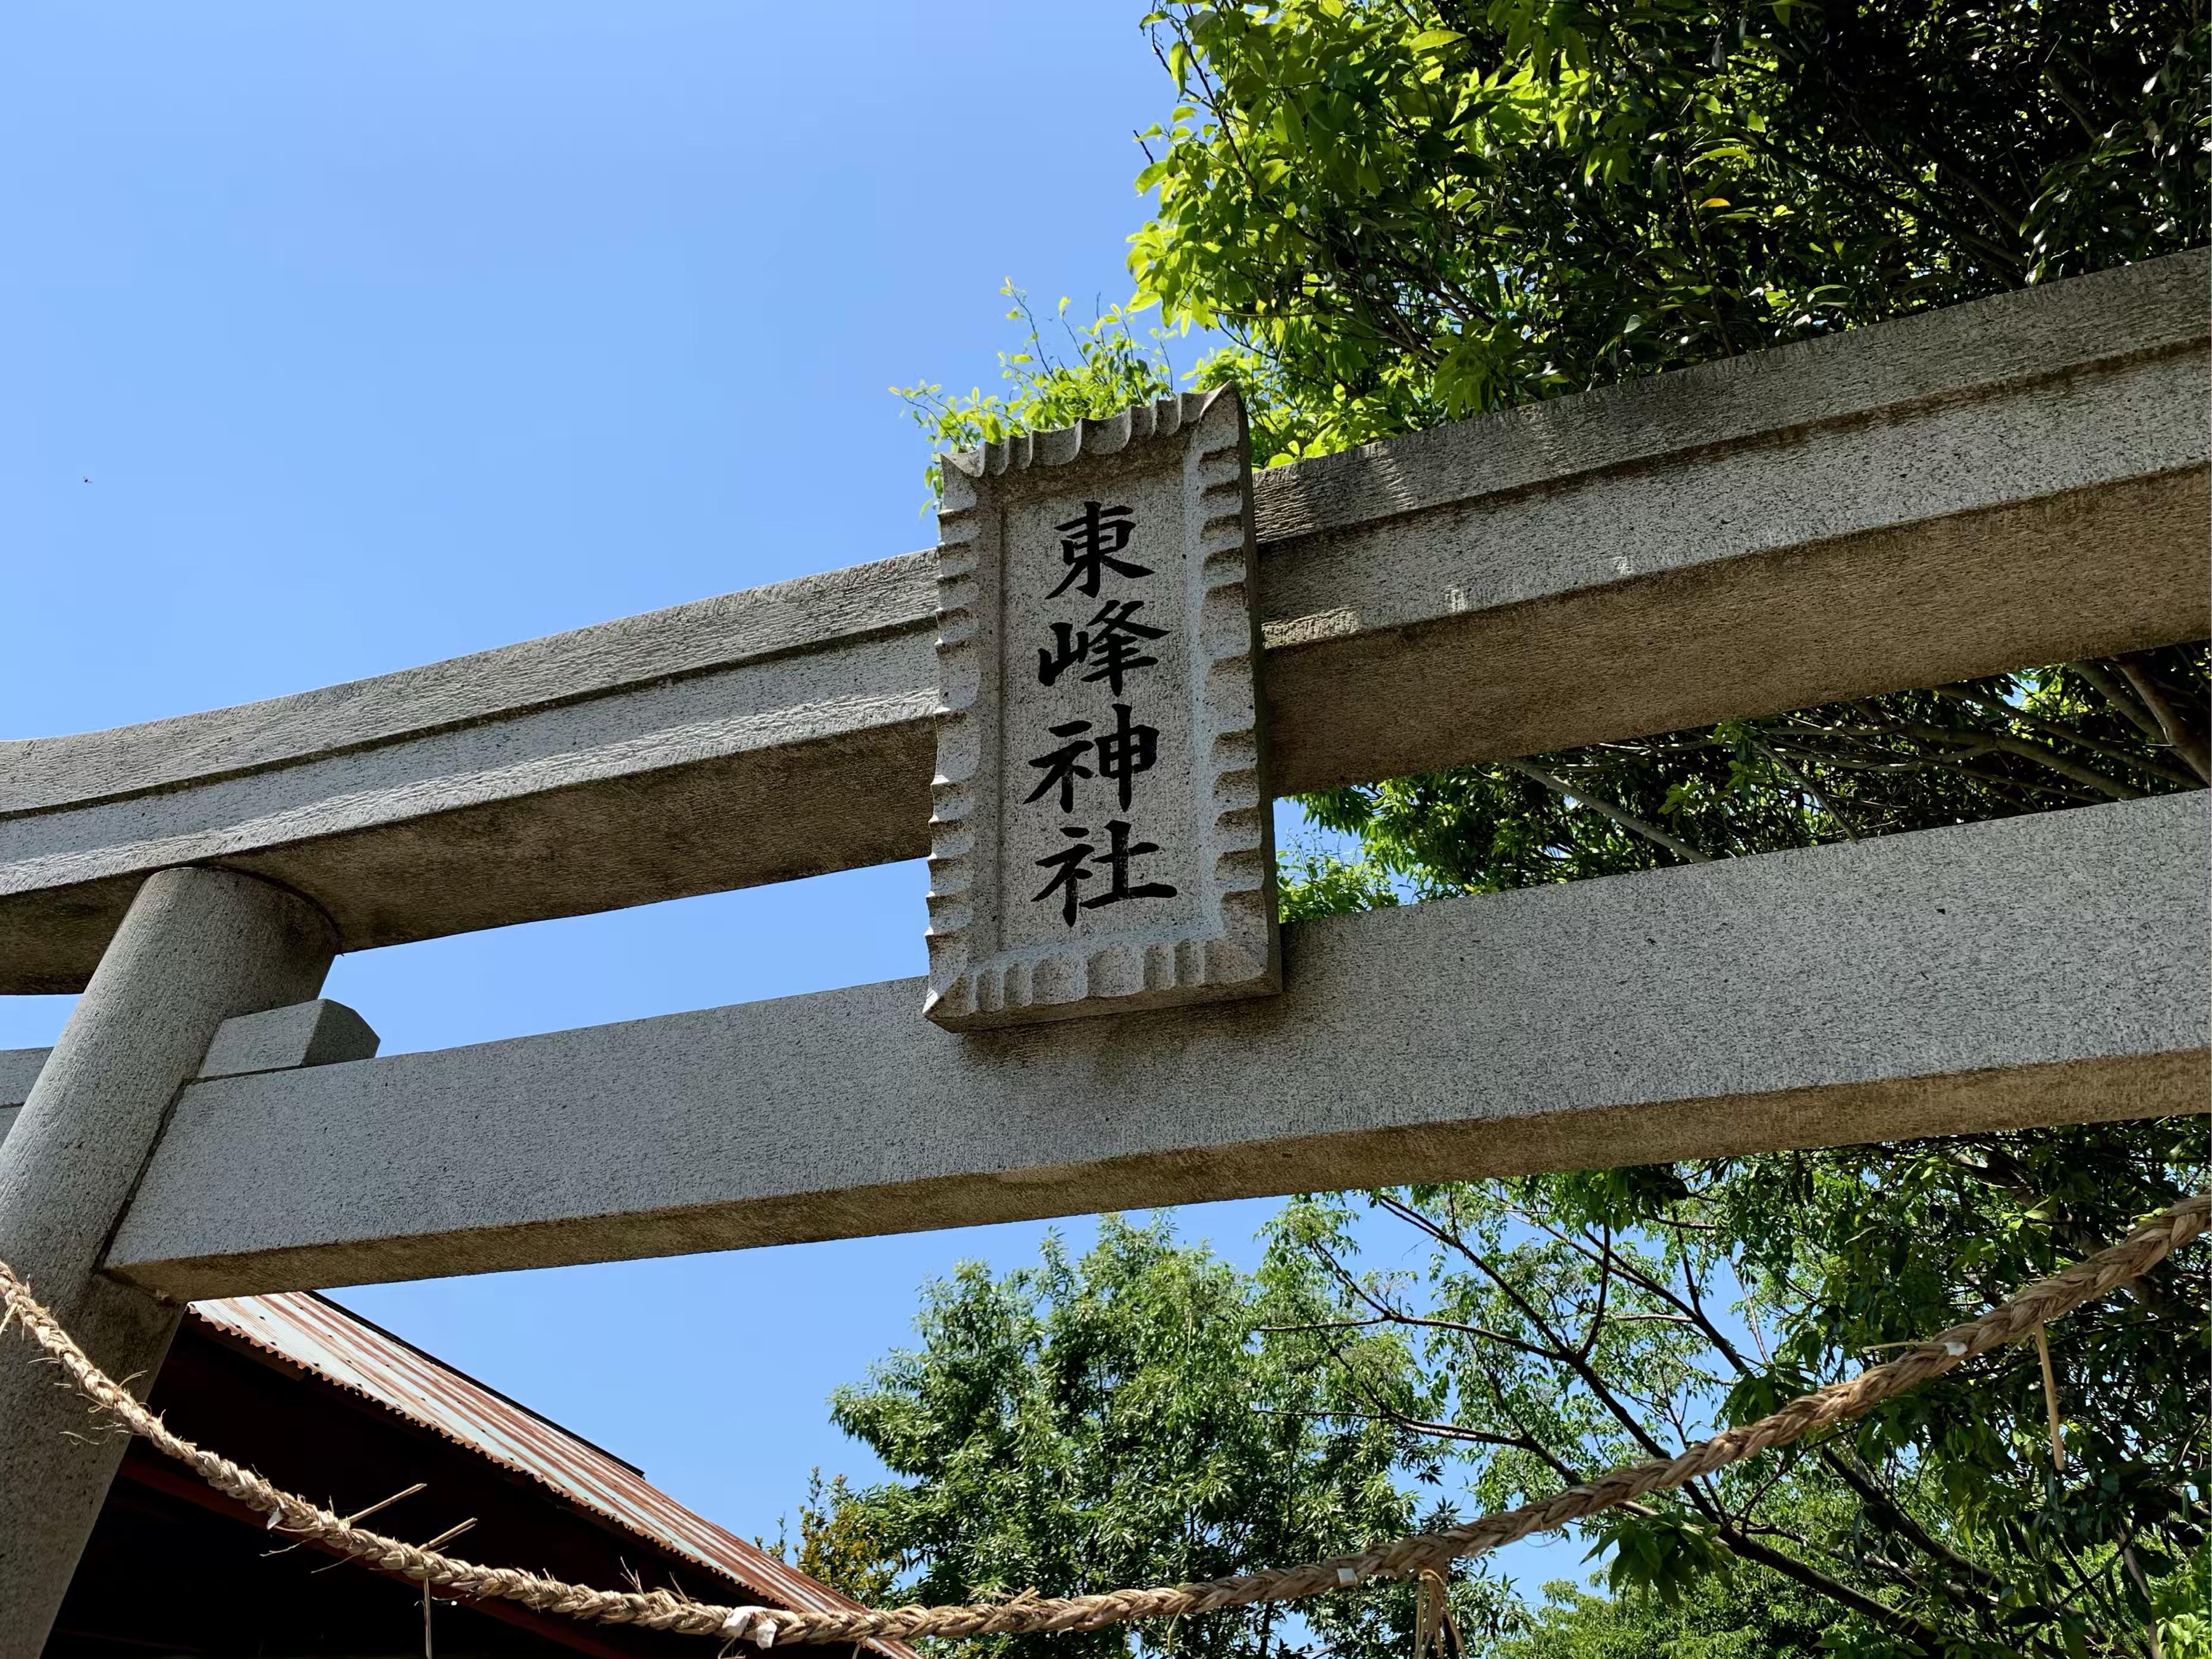 成田空港の真ん中にある東峰神社